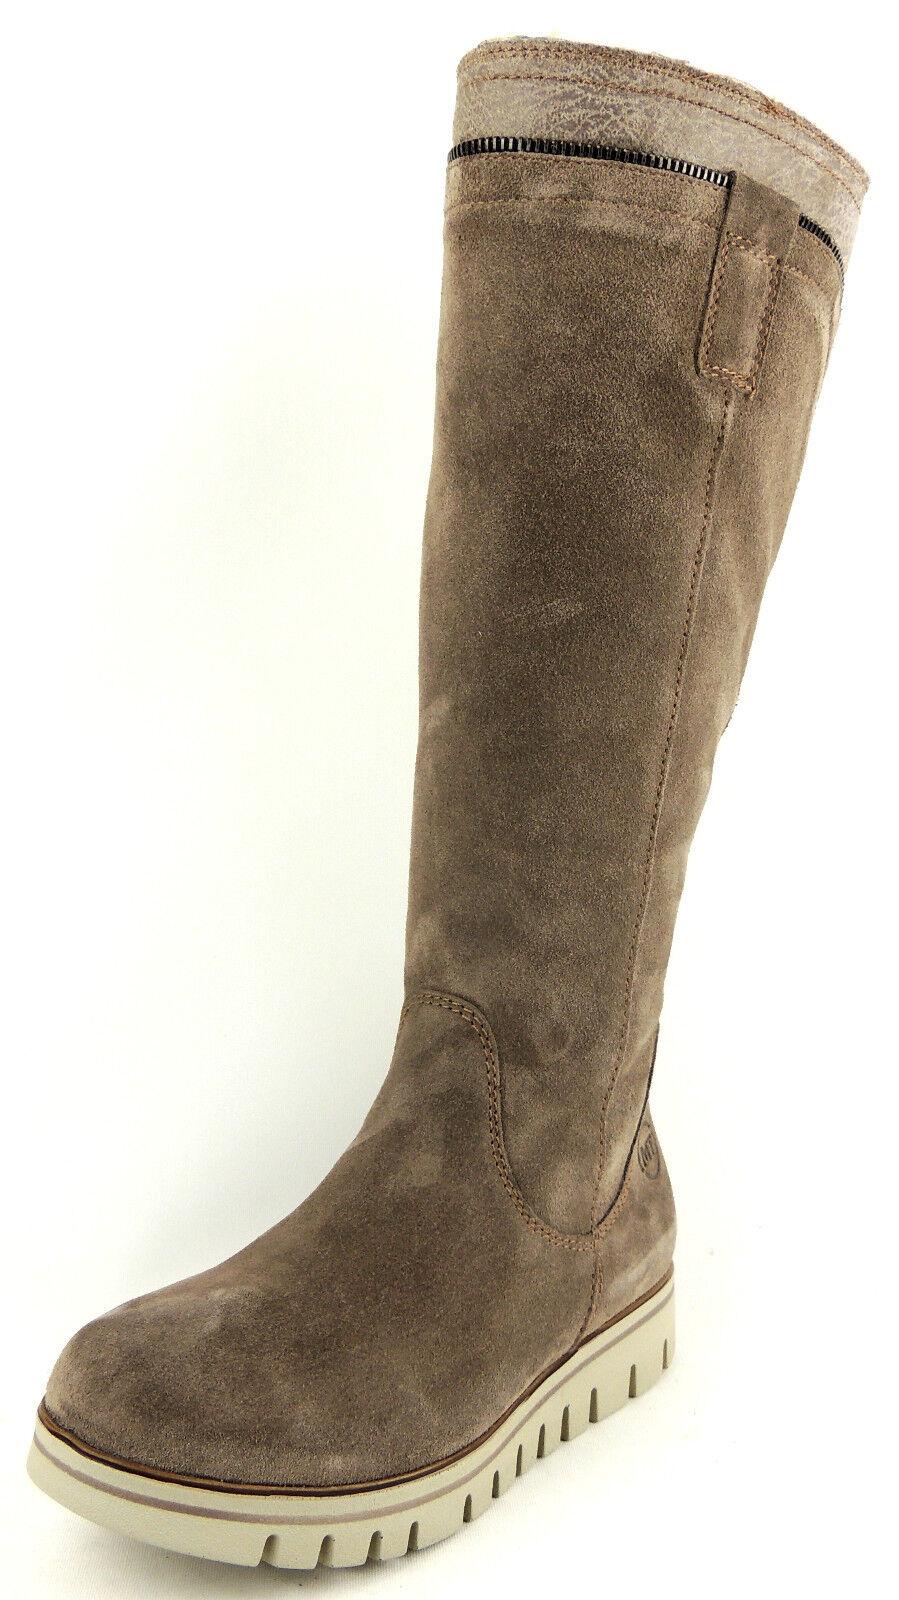 MARCO TOZZI  Damen Stiefel  VELOURSLEDER  taupe  WARMFUTTER  statt  | Creative  | Hohe Qualität und günstig  | Hochwertige Materialien